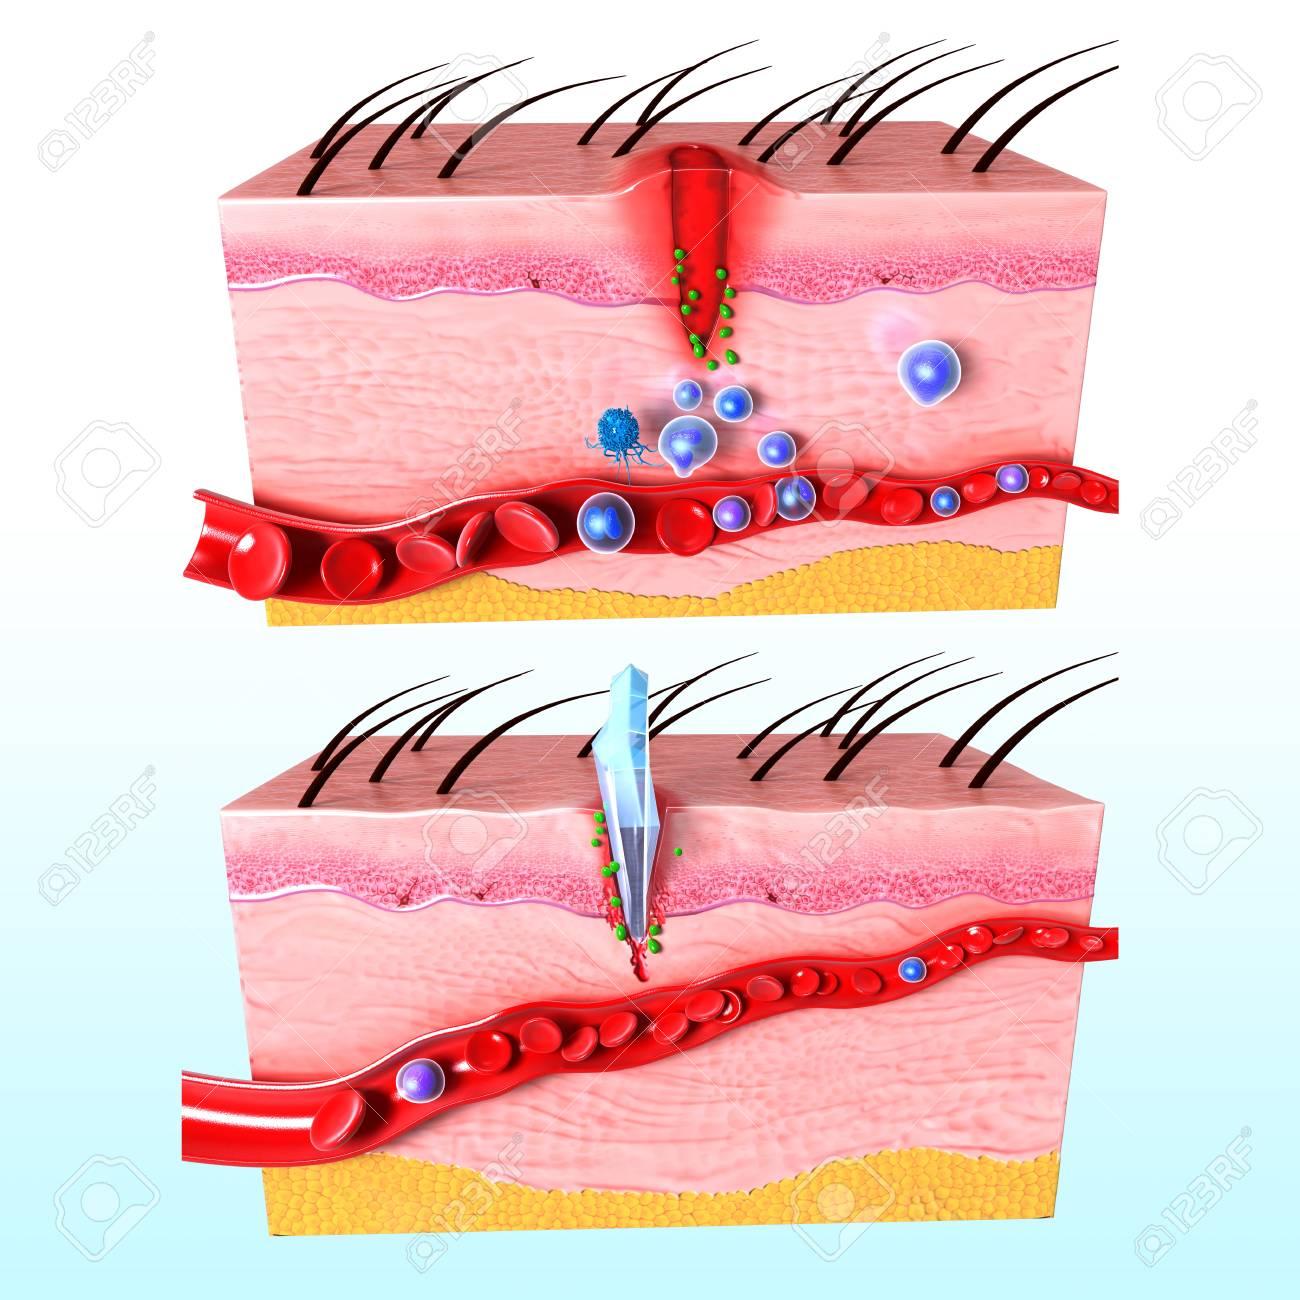 Anatomía Del Sistema De Respuesta Inmune De La Piel Humana Fotos ...